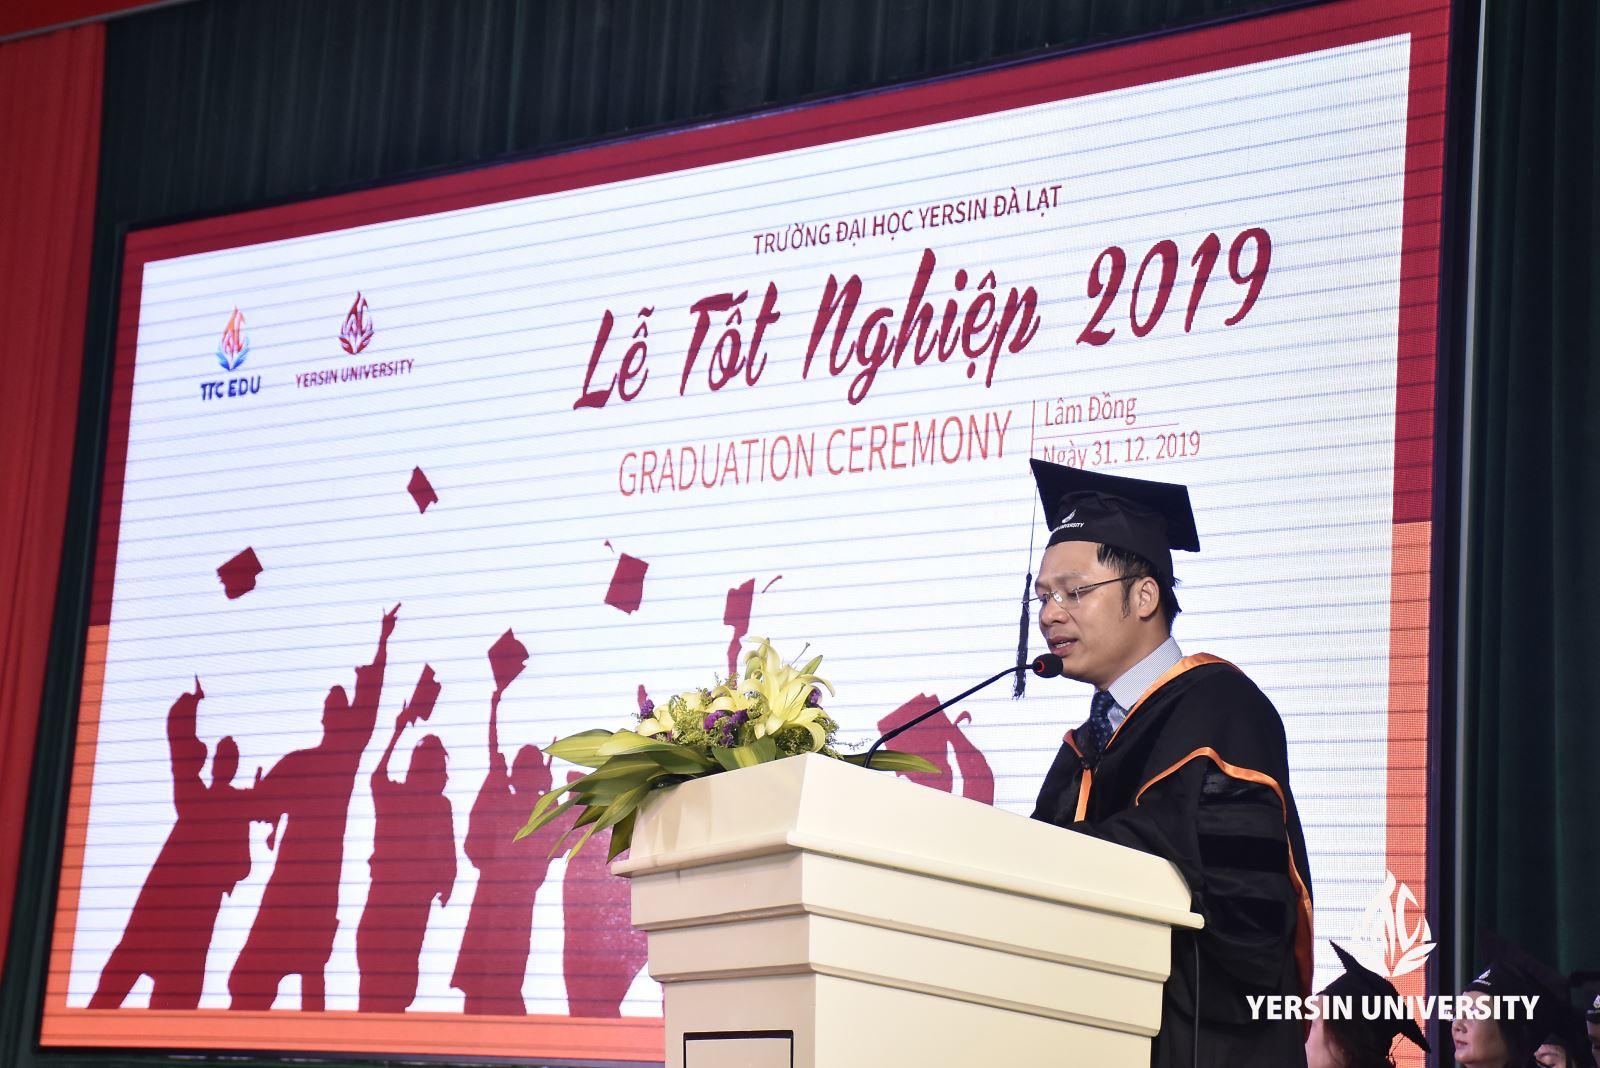 Lễ tốt nghiệp, Trường Đại học Yersin Đà Lạt